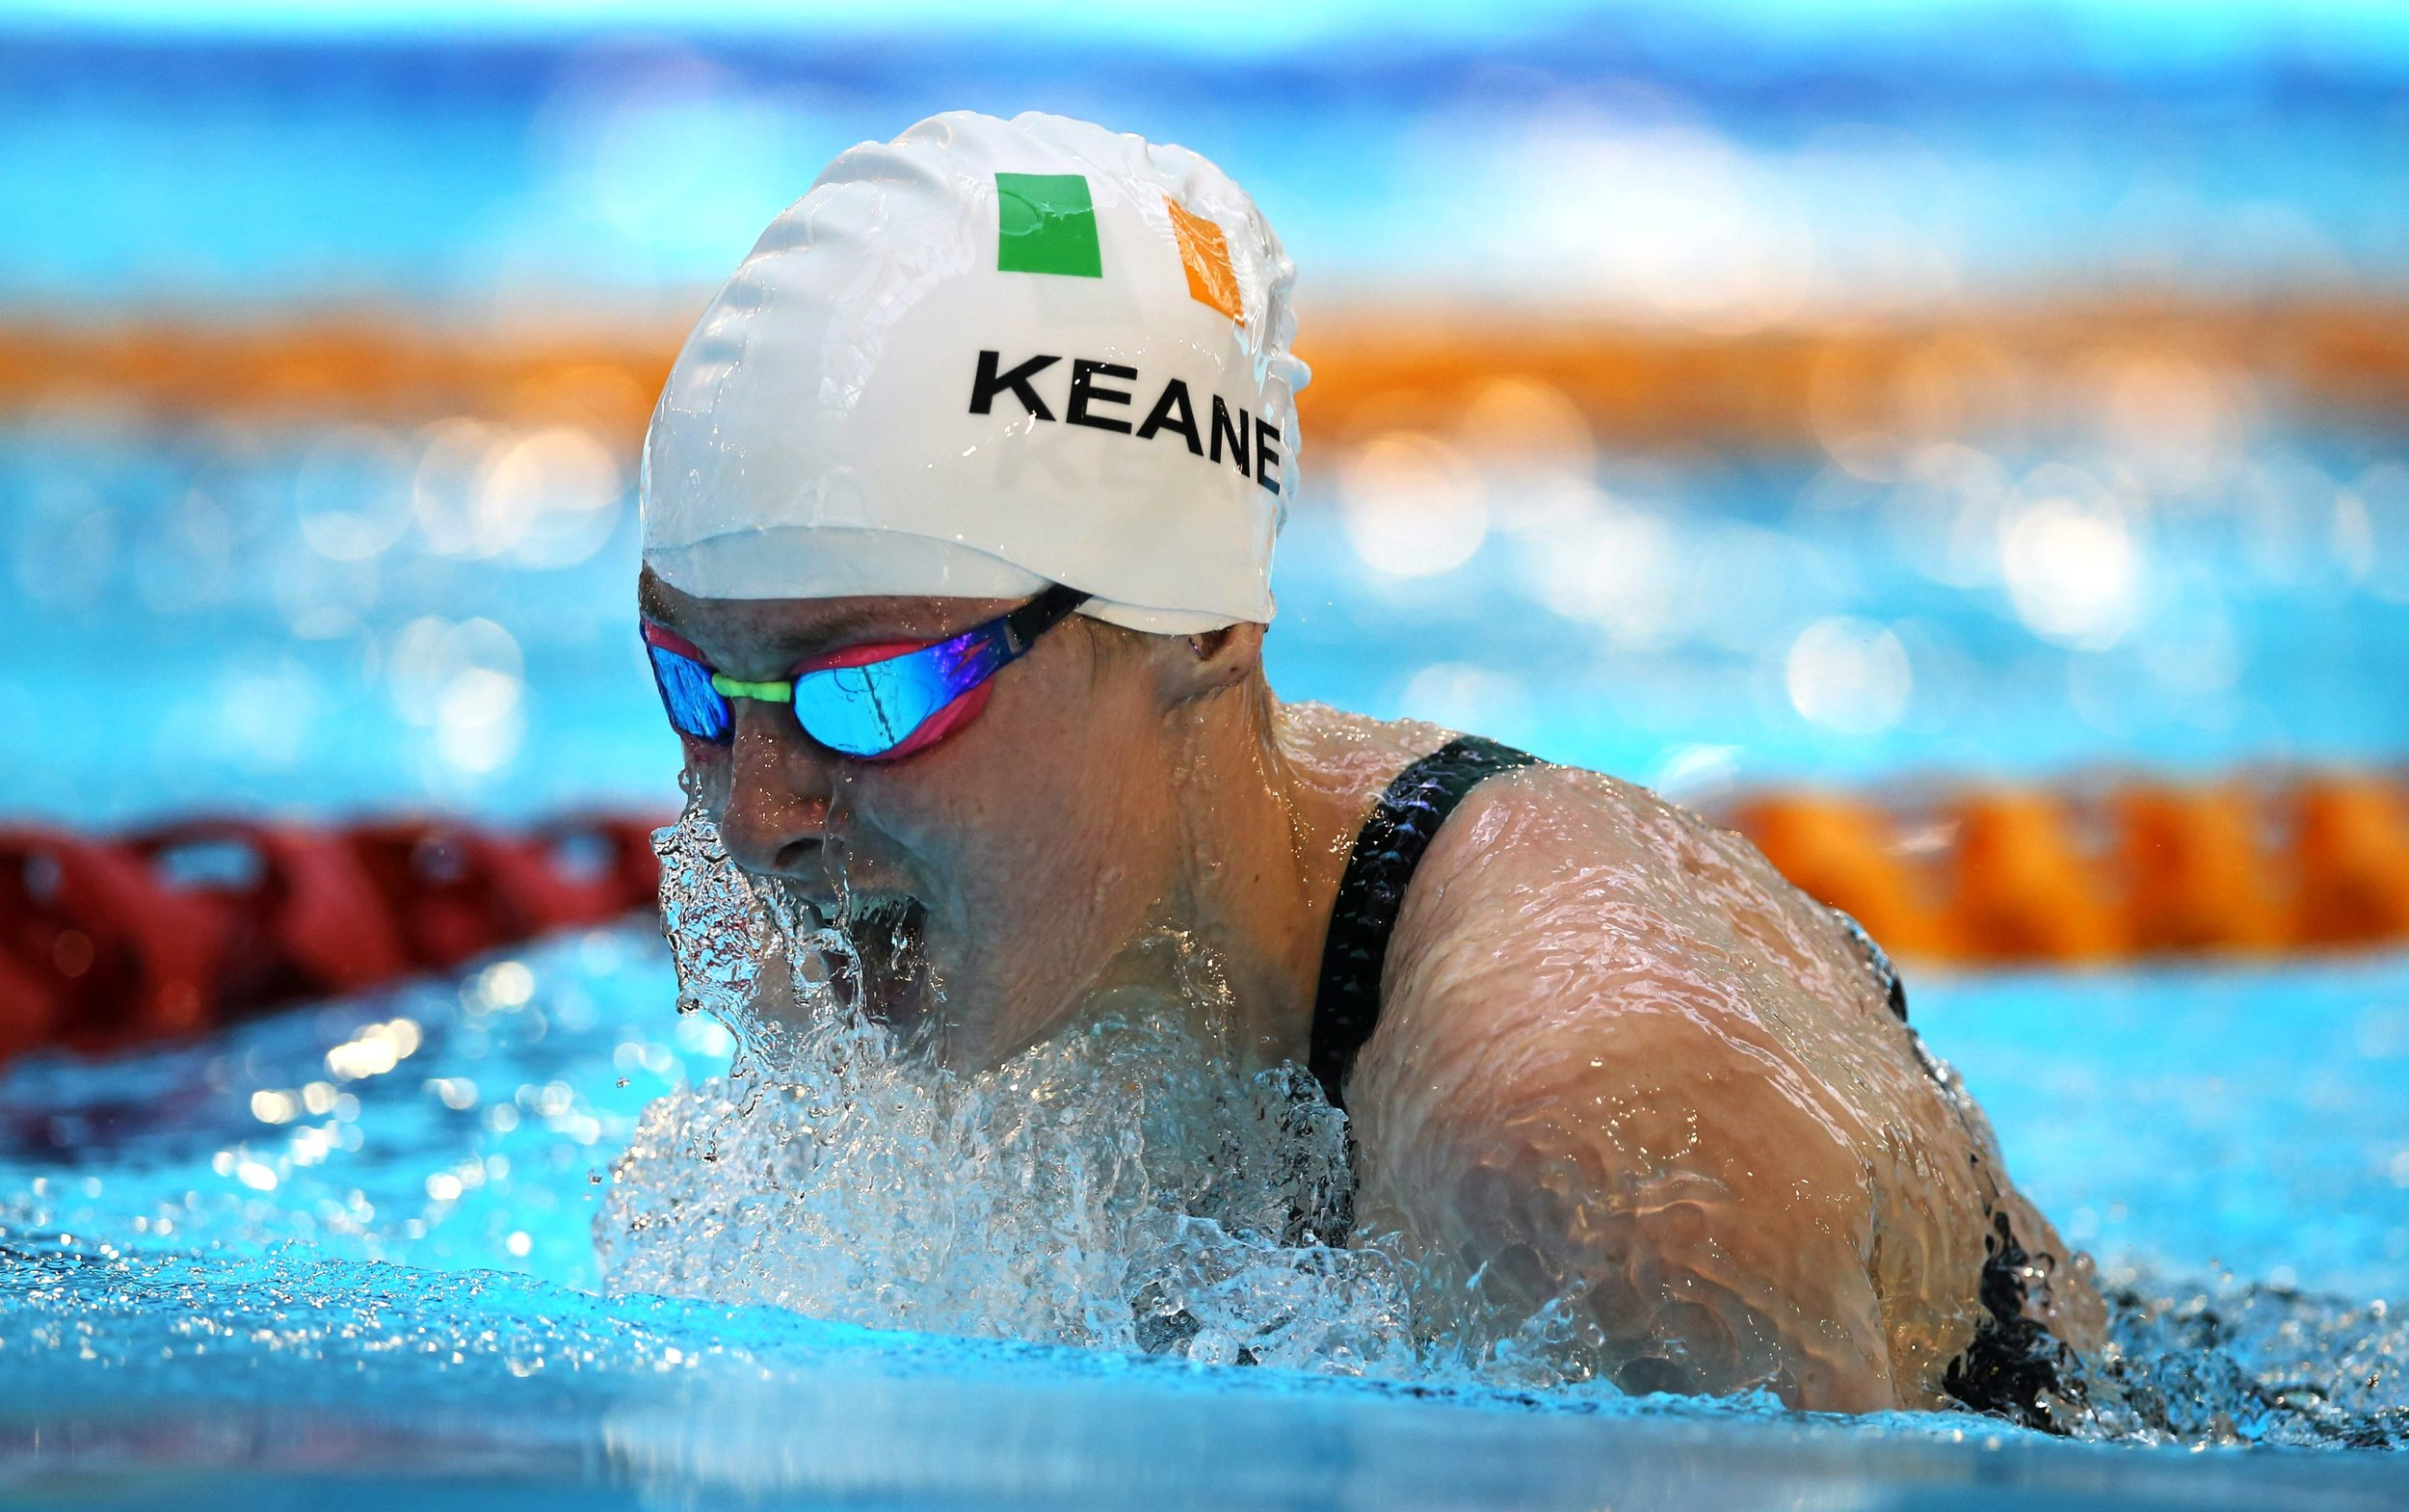 Ellen Keane